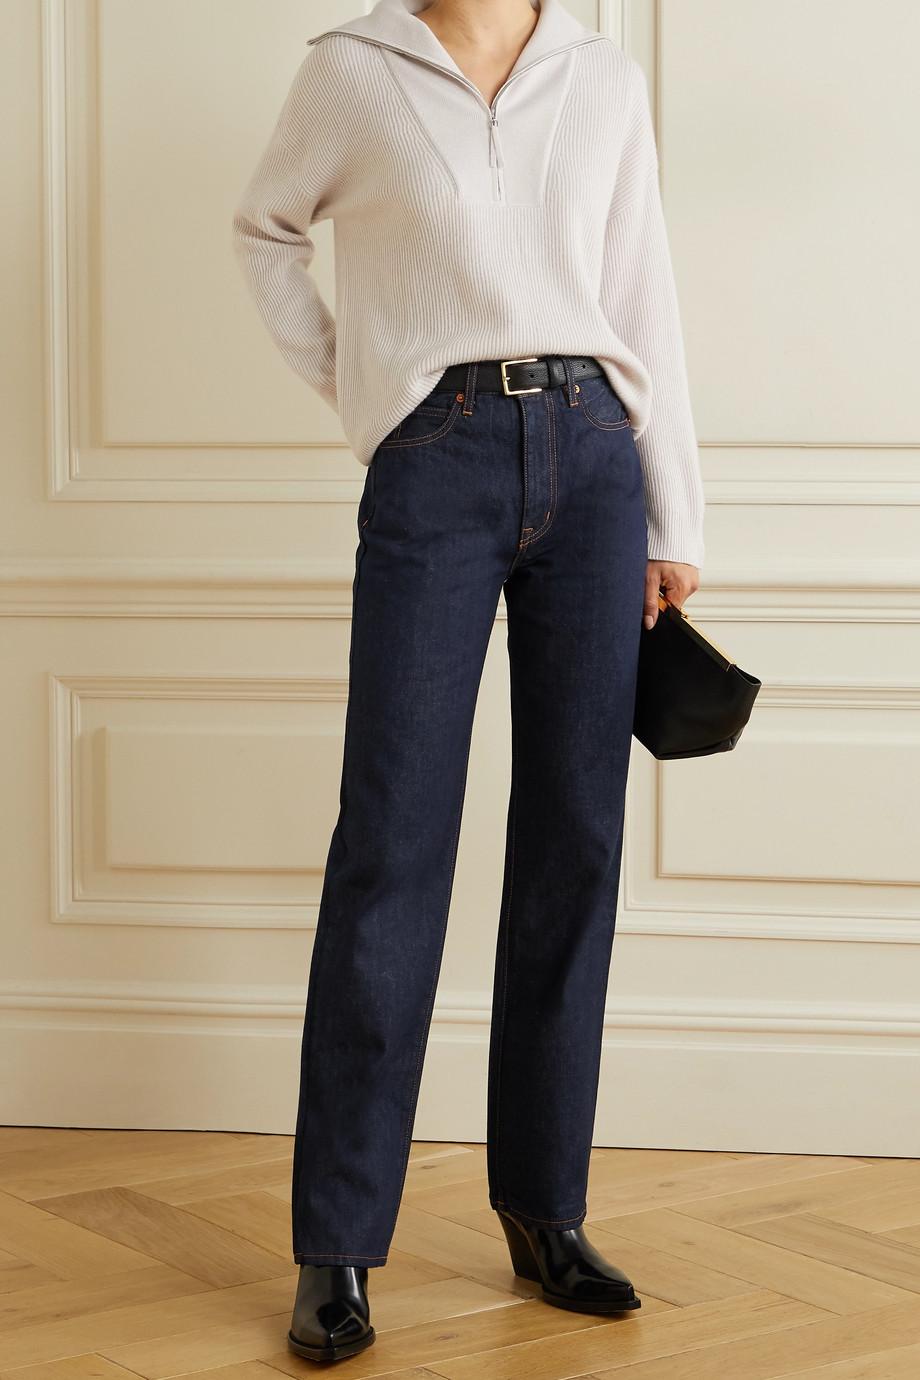 SLVRLAKE London hoch sitzende Jeans mit geradem Bein